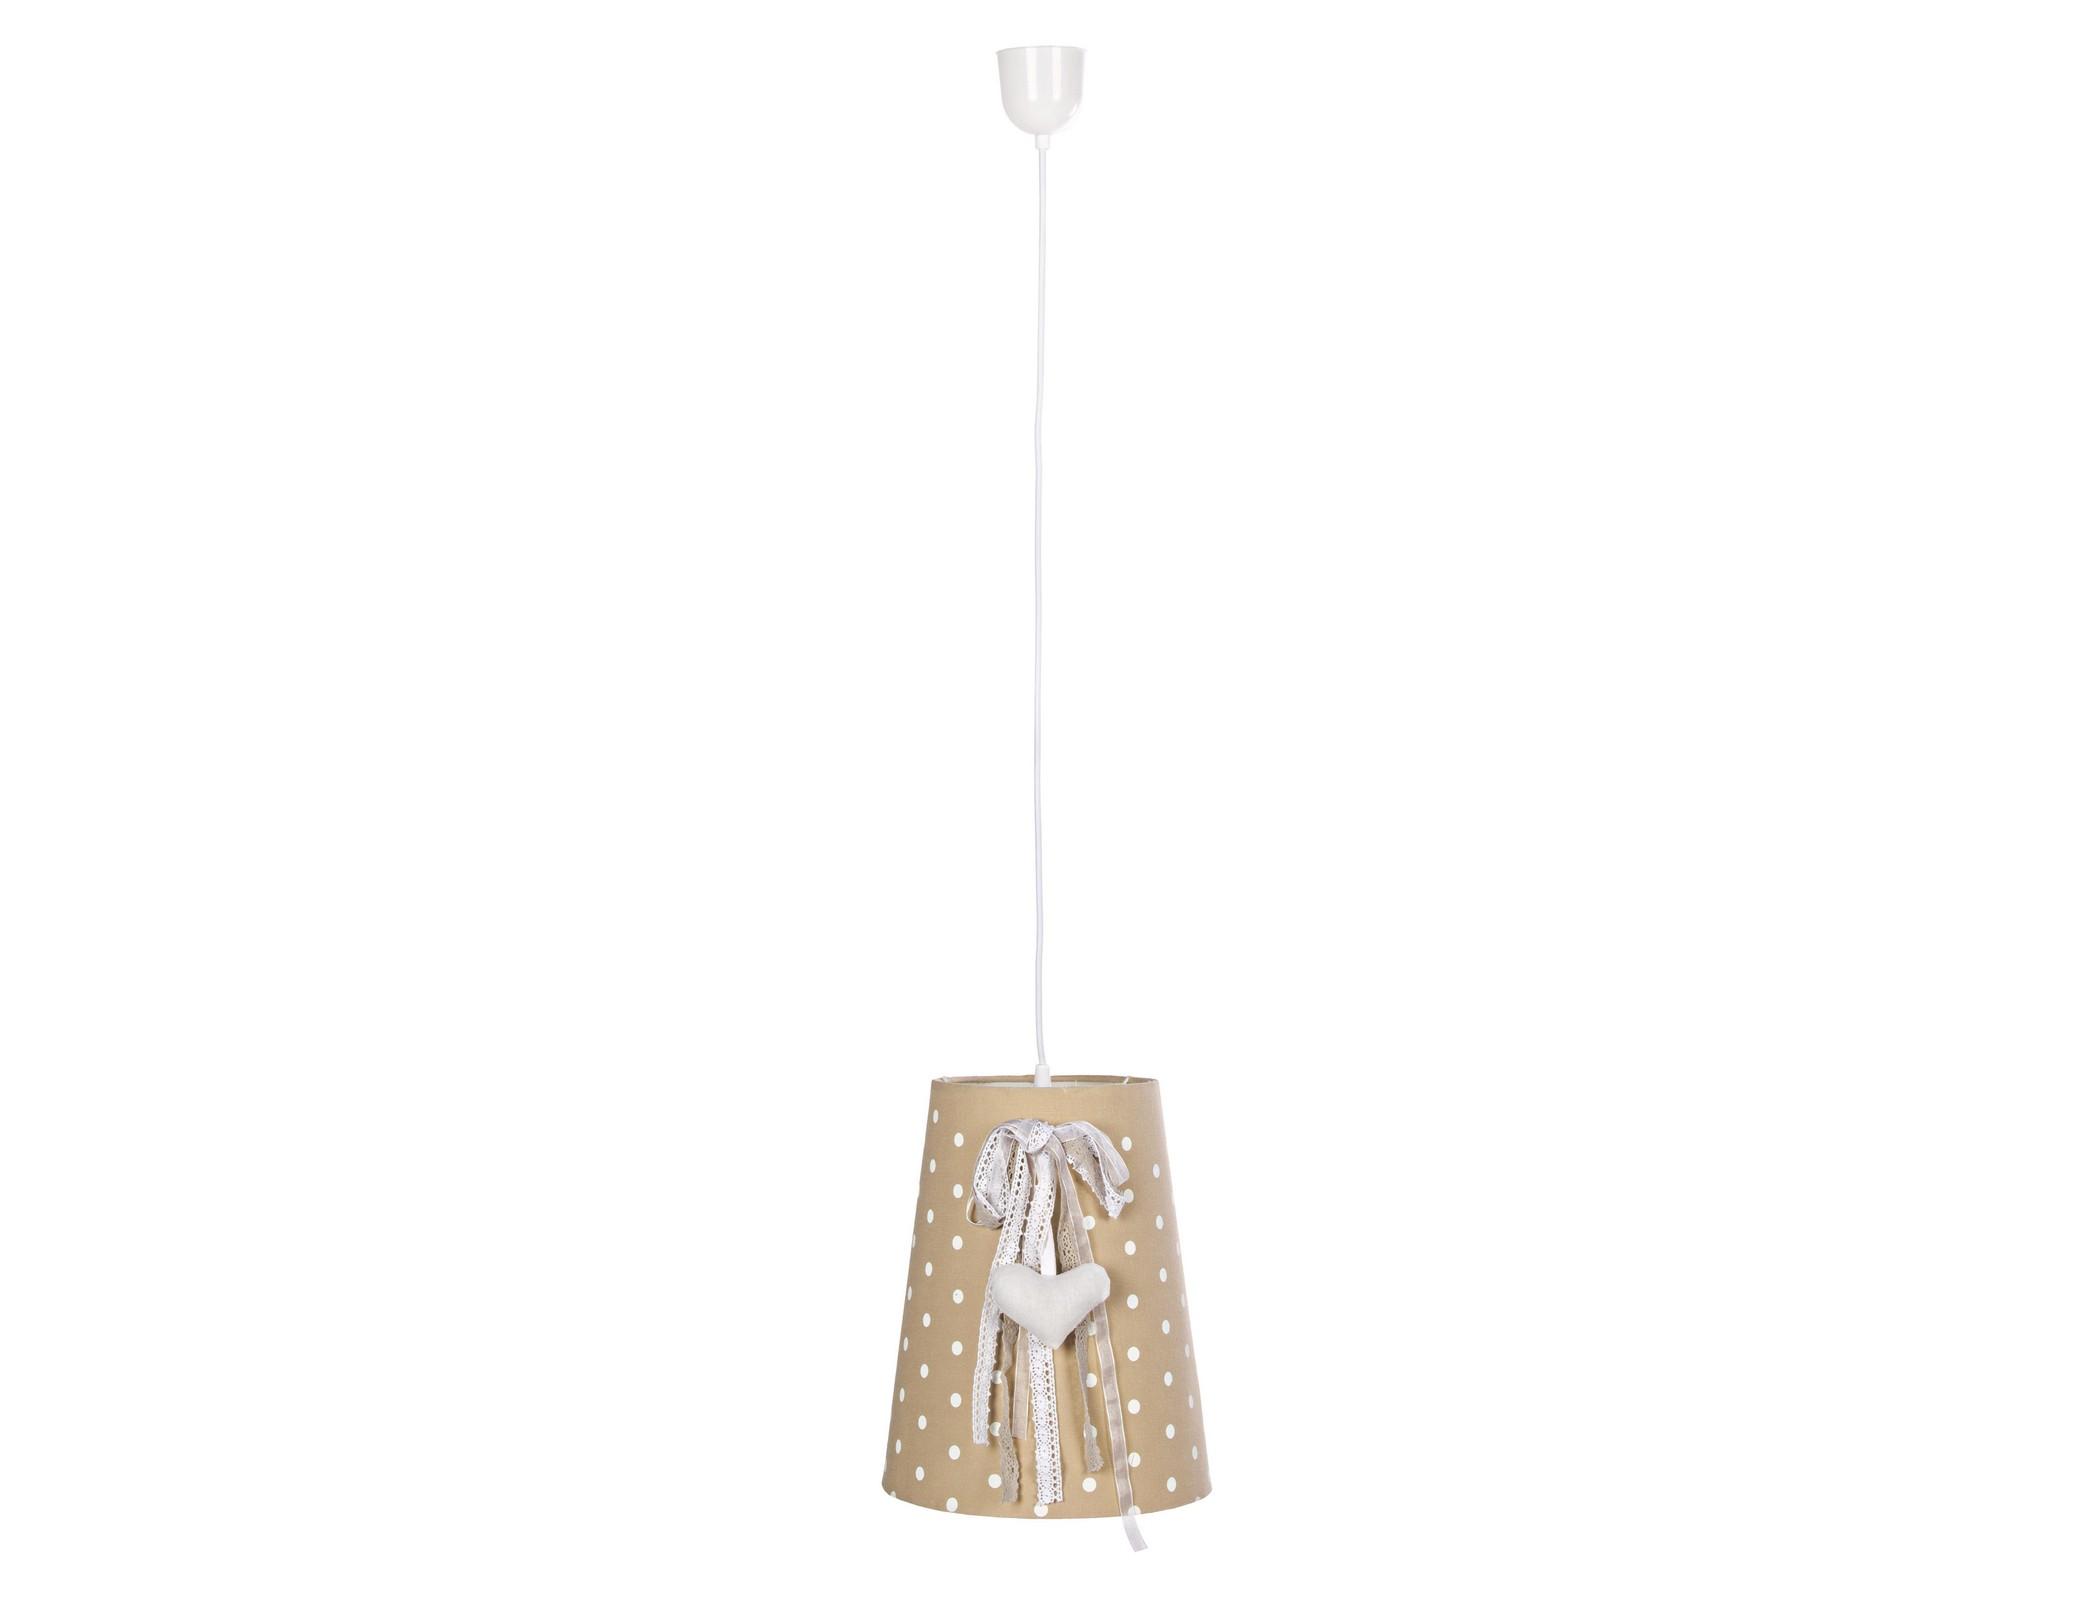 Люстра BonbonПодвесные светильники<br>Люстра &amp;quot;Bonbon&amp;quot; станет прекрасным стилистическим дополнением современного интерьера, создаст атмосферу уюта и комфорта. <br>Кабель данной лампы выполнен из окрашенного металла.&amp;amp;nbsp;&amp;lt;div&amp;gt;&amp;lt;br&amp;gt;&amp;lt;/div&amp;gt;&amp;lt;div&amp;gt;Вид цоколя: Е27&amp;lt;/div&amp;gt;&amp;lt;div&amp;gt;Мощность лампы: 60W&amp;lt;/div&amp;gt;&amp;lt;div&amp;gt;Количество ламп: 1&amp;lt;/div&amp;gt;&amp;lt;div&amp;gt;Наличие ламп: нет&amp;lt;/div&amp;gt;&amp;lt;div&amp;gt;&amp;lt;br&amp;gt;&amp;lt;/div&amp;gt;<br><br>Material: Лен<br>Height см: 31,5<br>Diameter см: 26